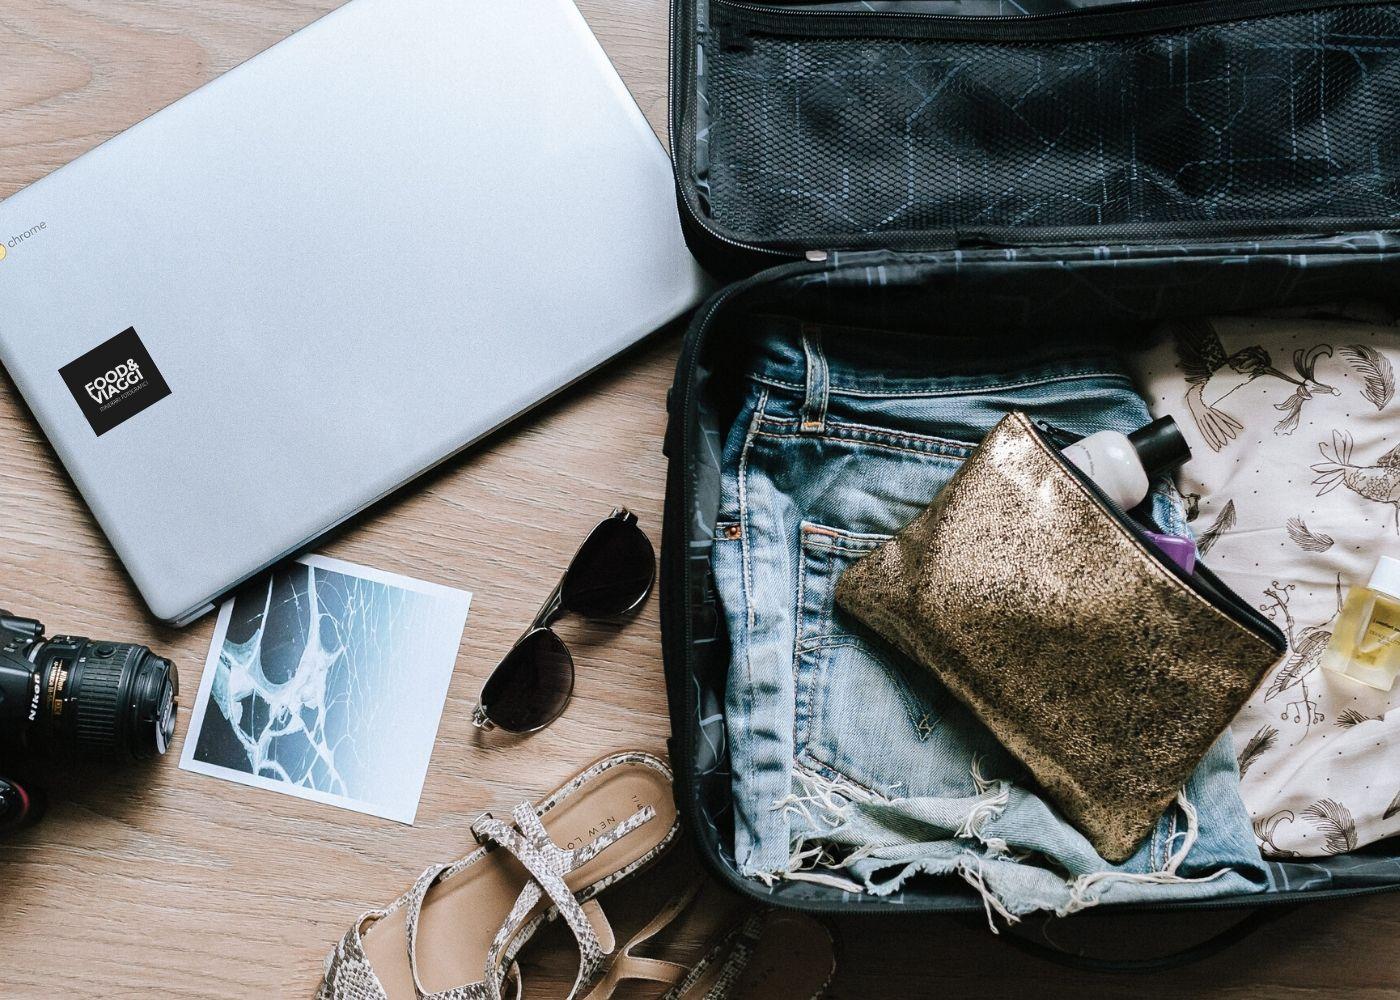 Viaggiare organizzati: la nostra lista di cose da mettere in valigia